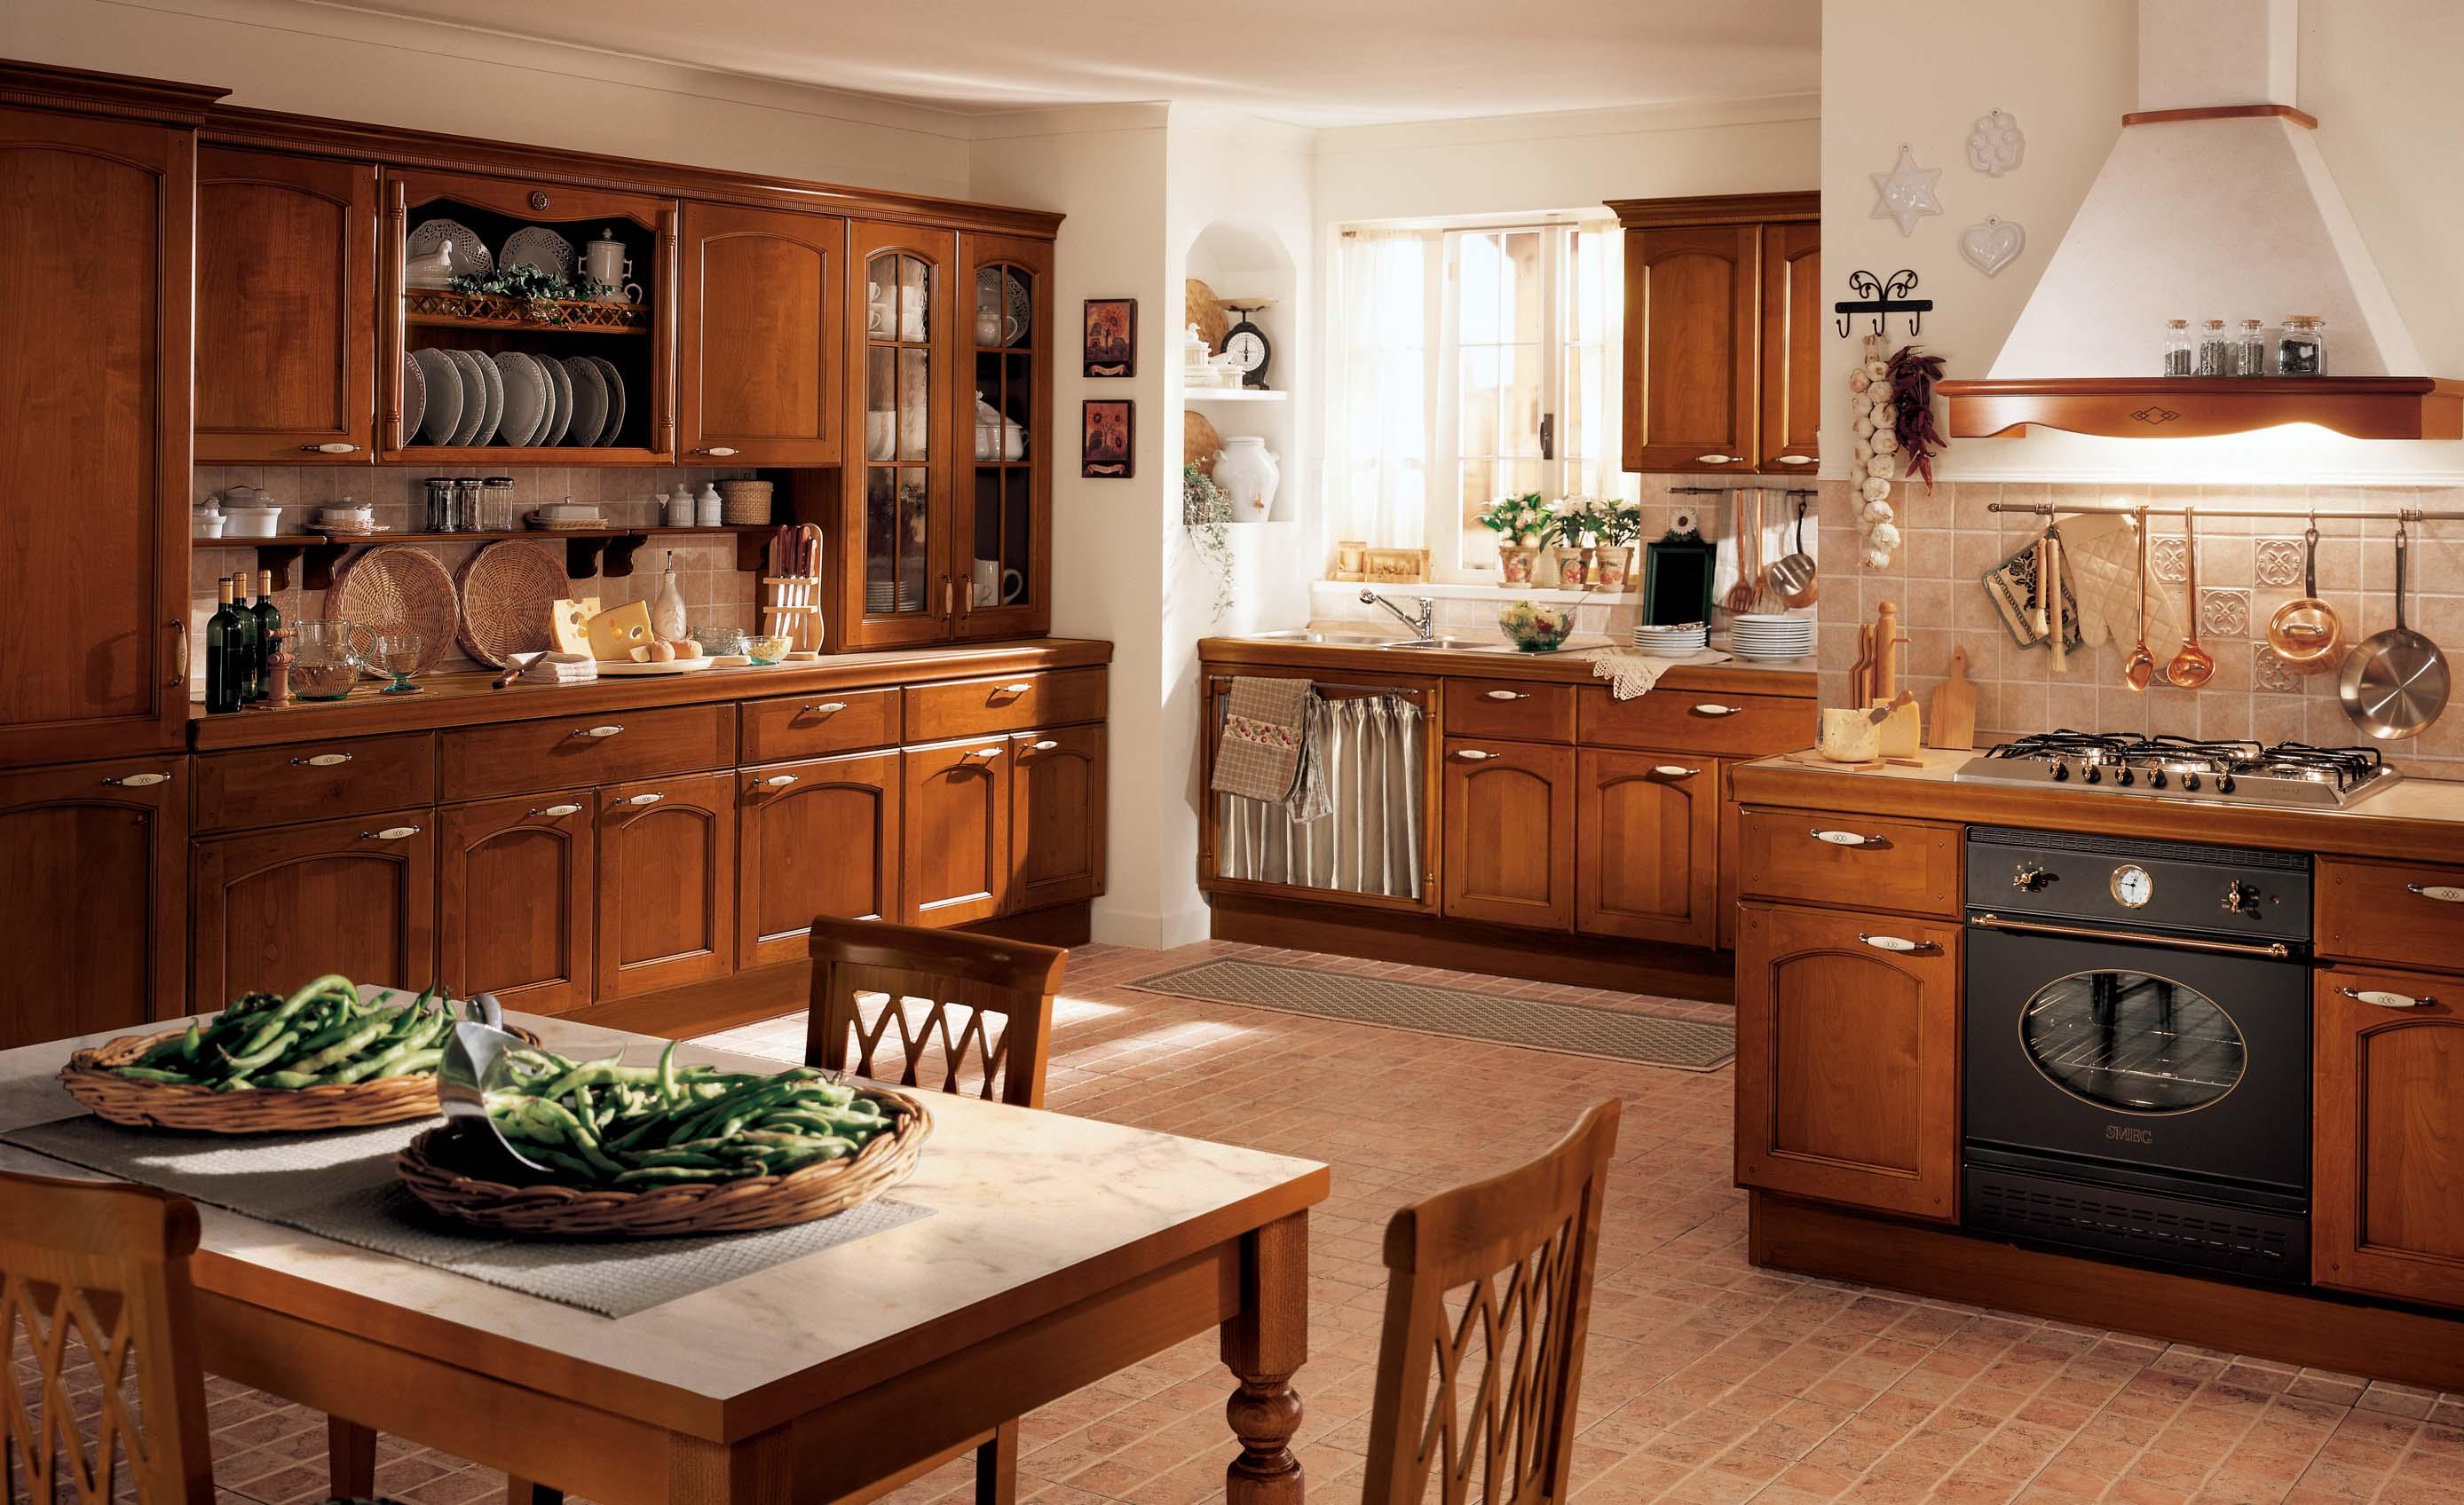 Home Depot Kitchen Design Gallery